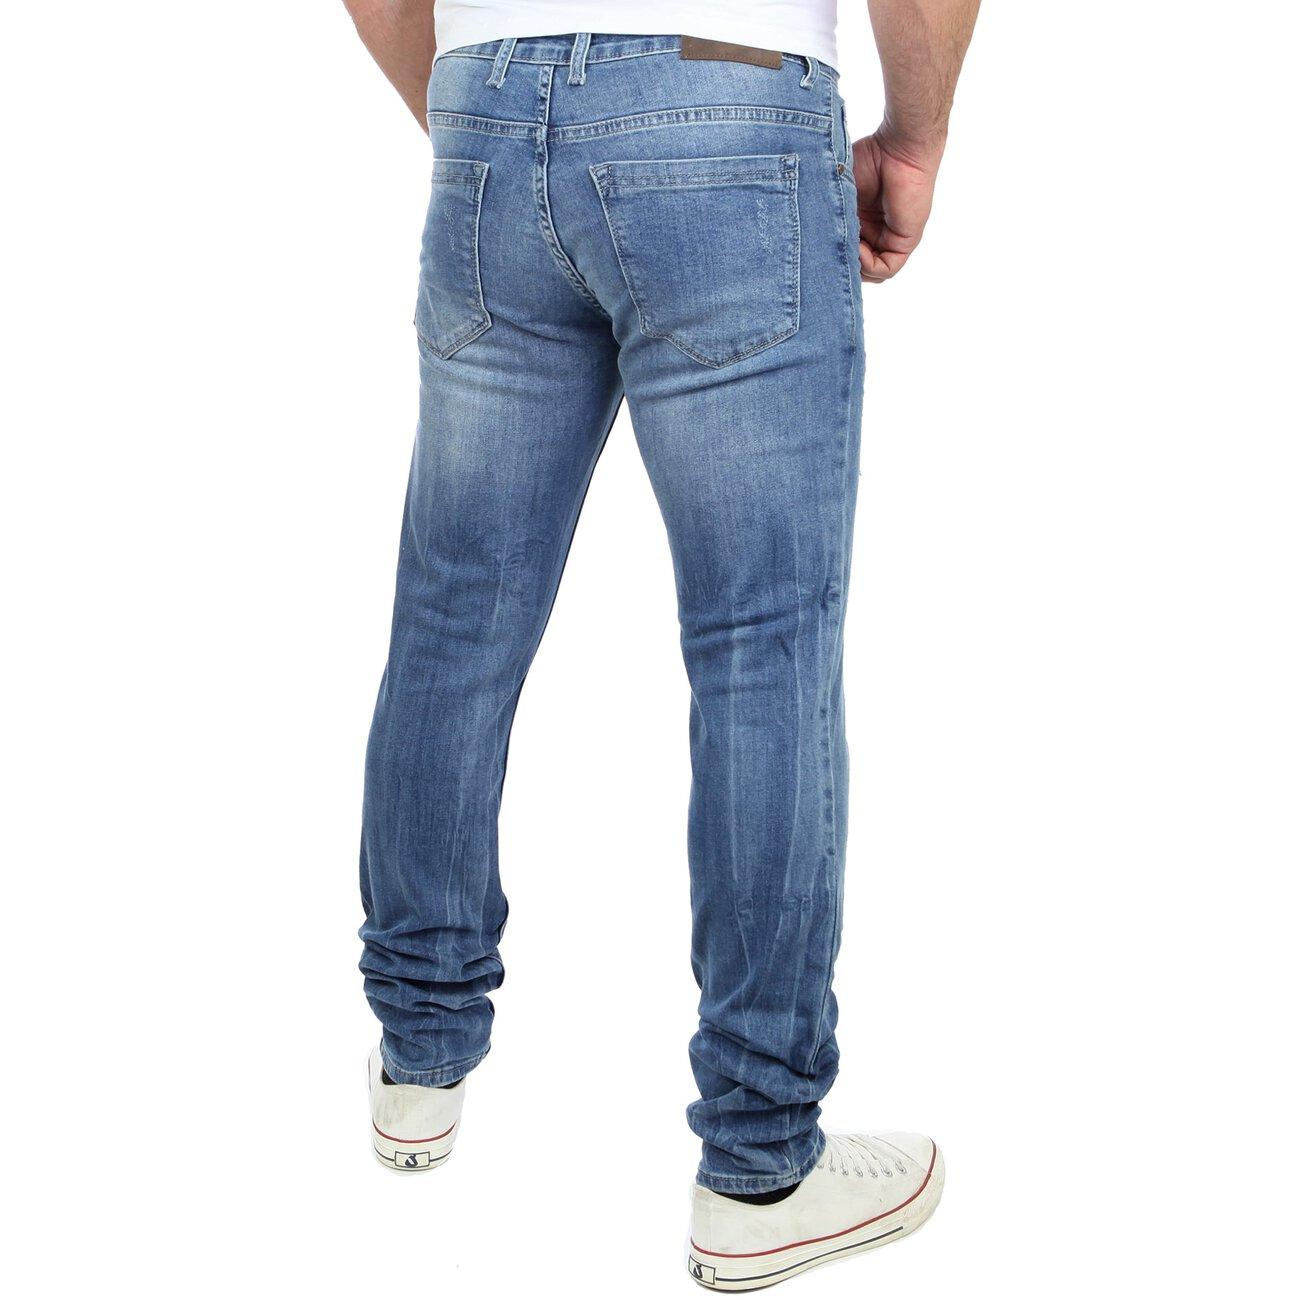 reslad herren jeans destroyed look slim fit denim jeans hose. Black Bedroom Furniture Sets. Home Design Ideas